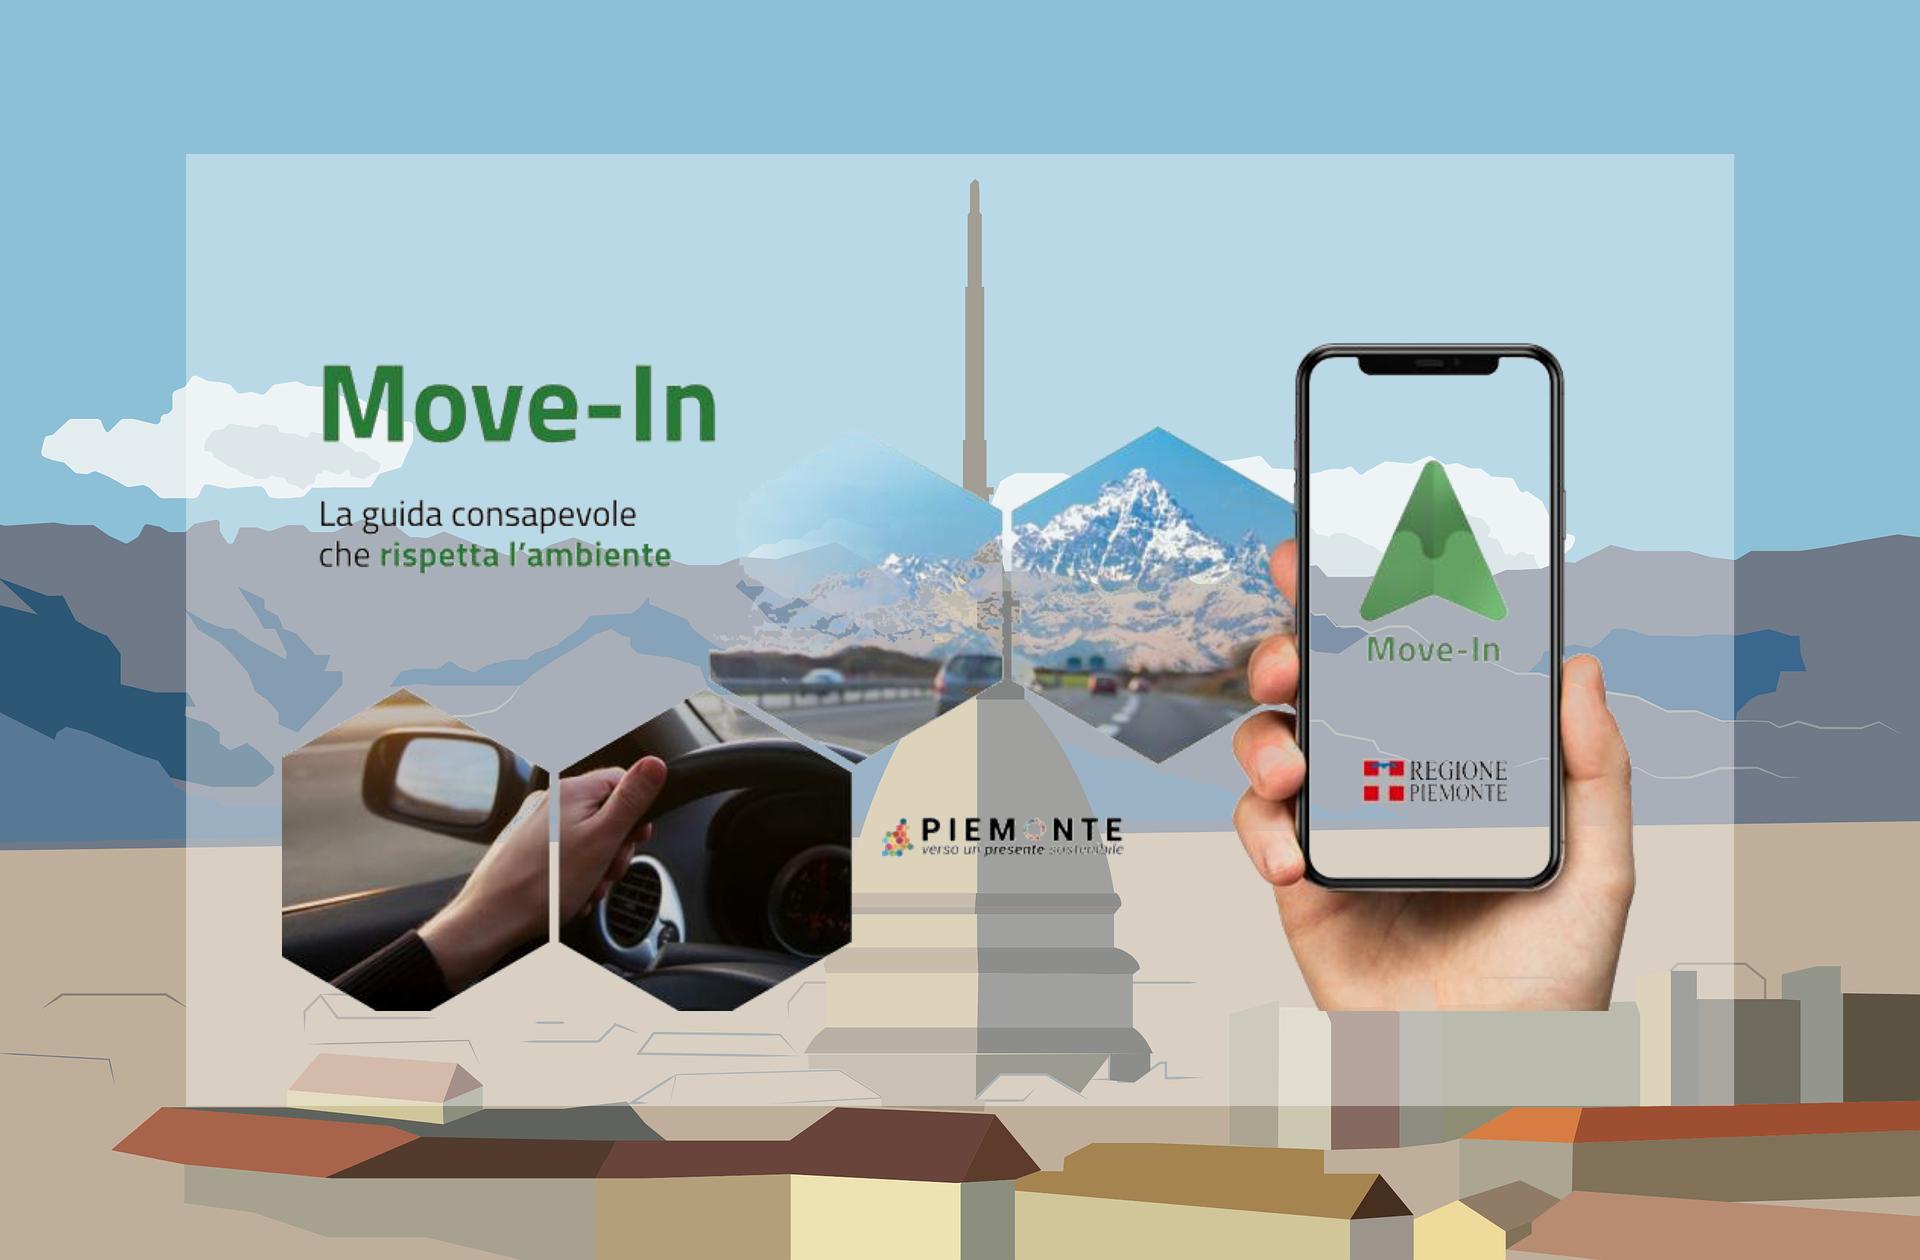 Move-In: al via in Piemonte il controllo e la guida chilometrica